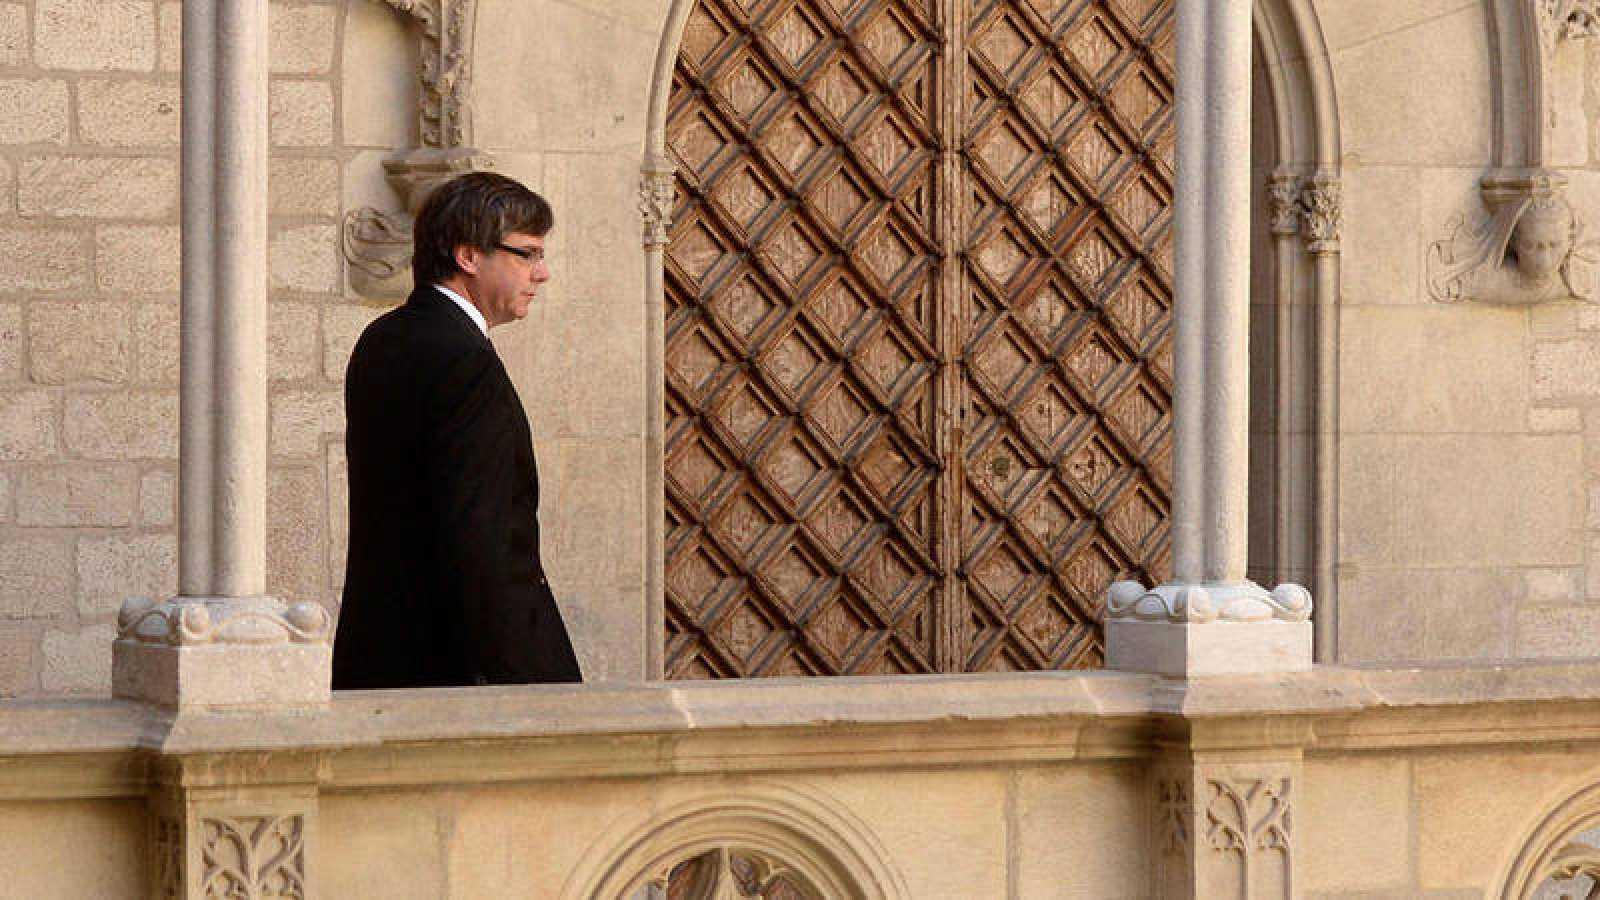 El presidente de Cataluña, Carles Puigdemont, en una imagen de archivo